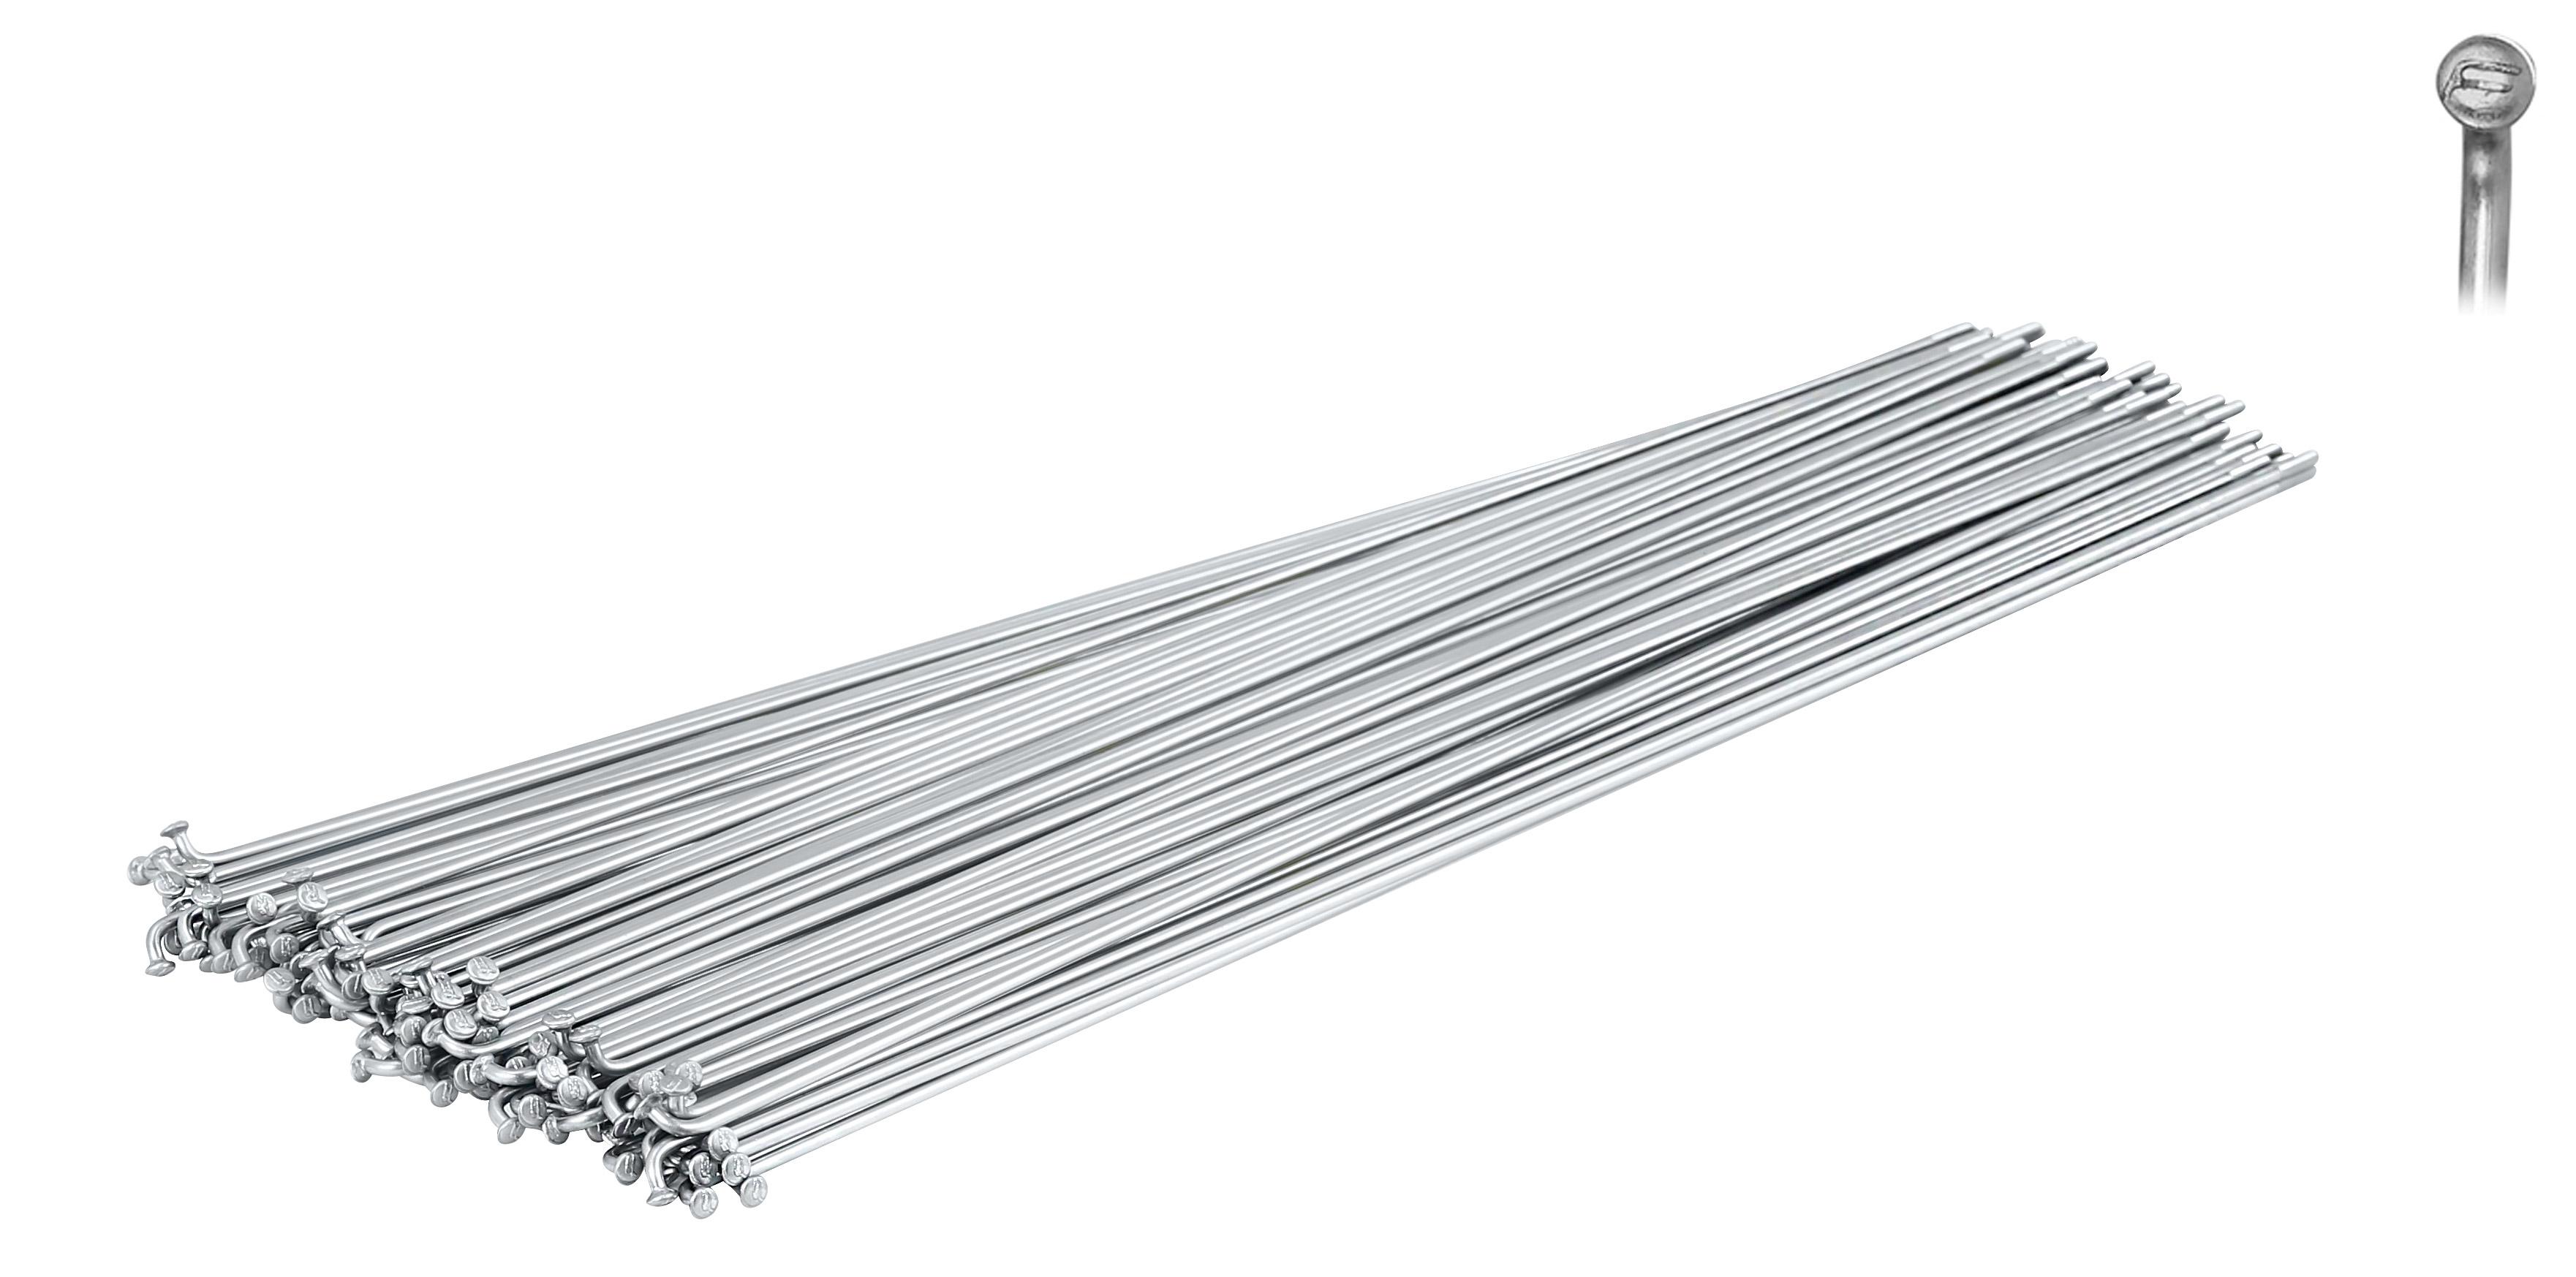 dráty FORCE nerez stříbrné 2 mm x 286 mm